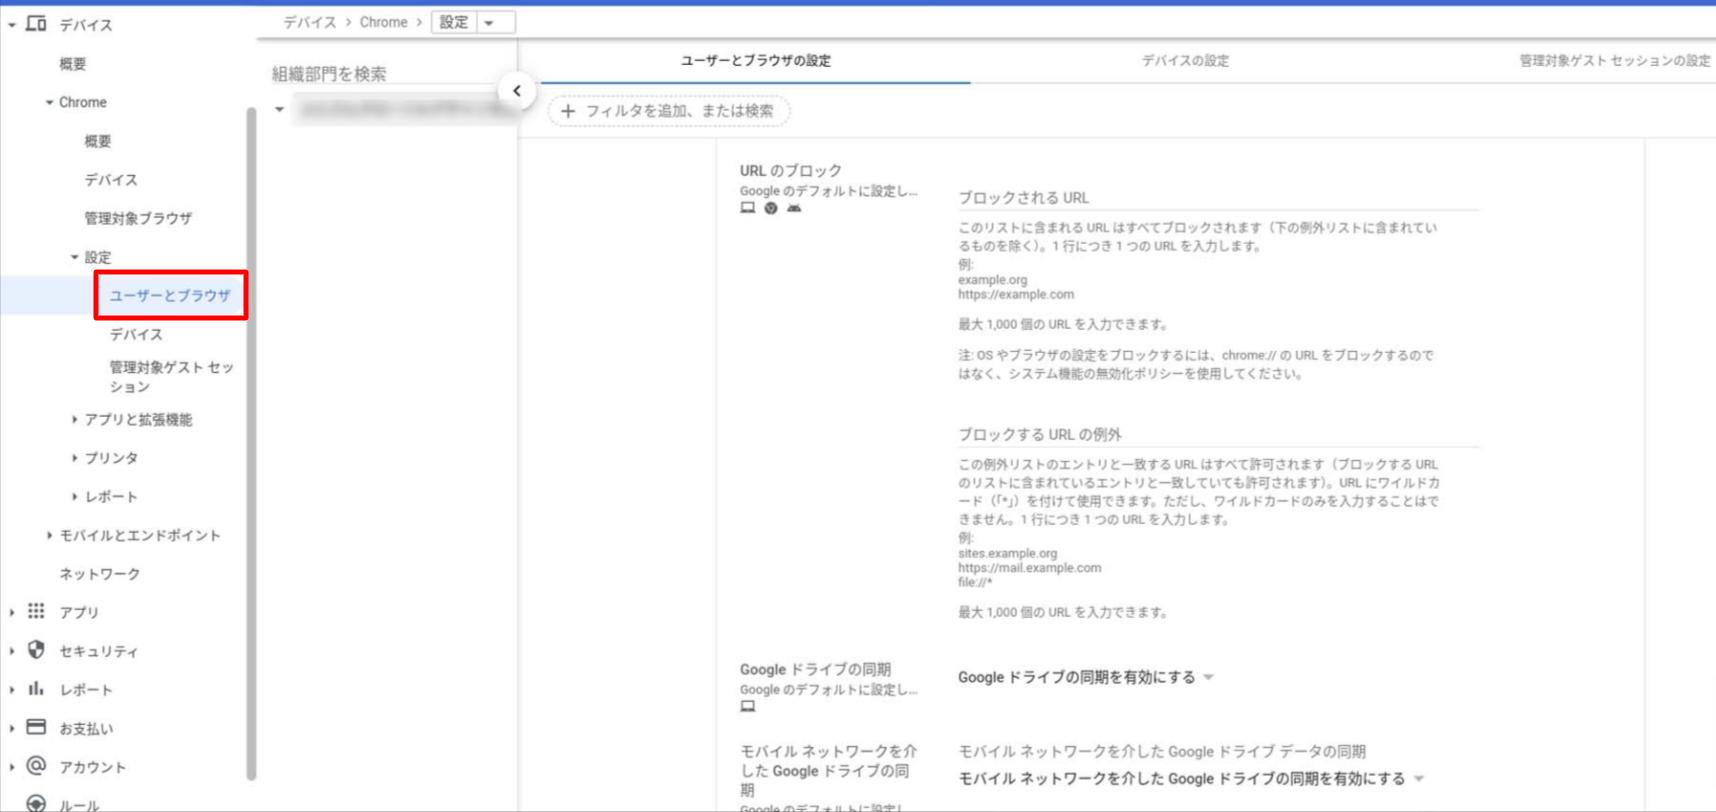 組織で使う Chrome OS のメリット、デメリットとは03